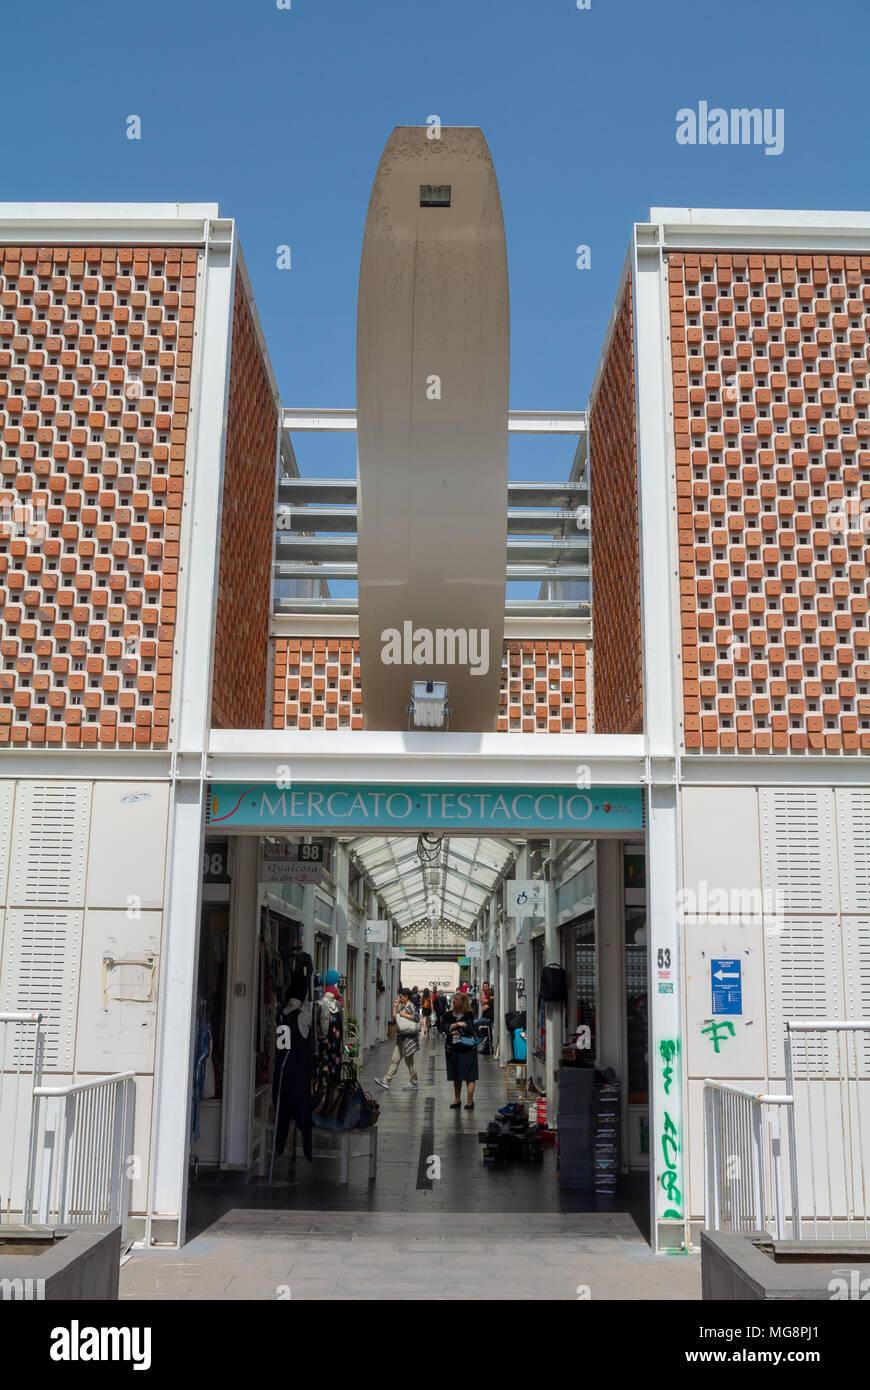 Nuovo Mercato di Testaccio, rome, italy - Stock Image